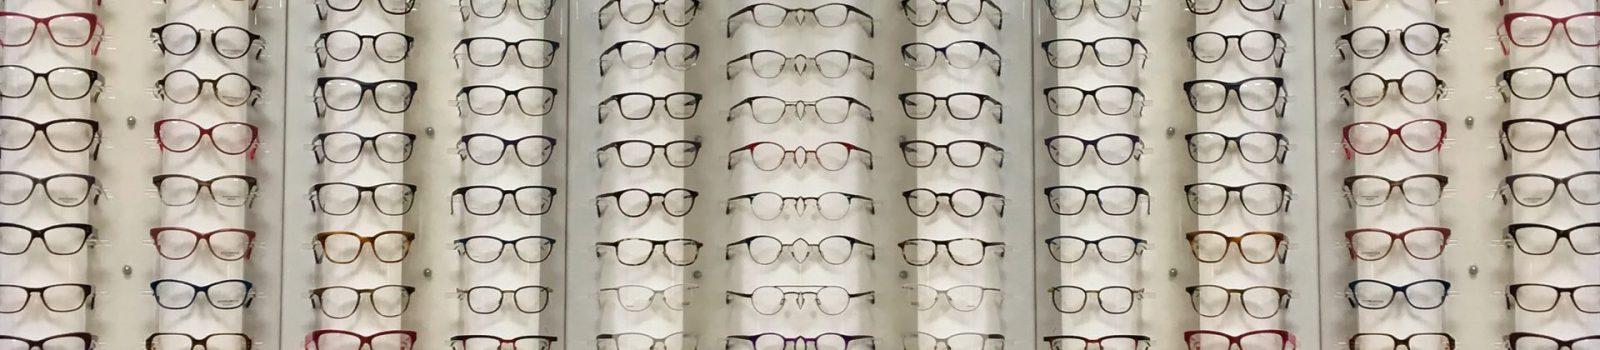 Brillenwinkel